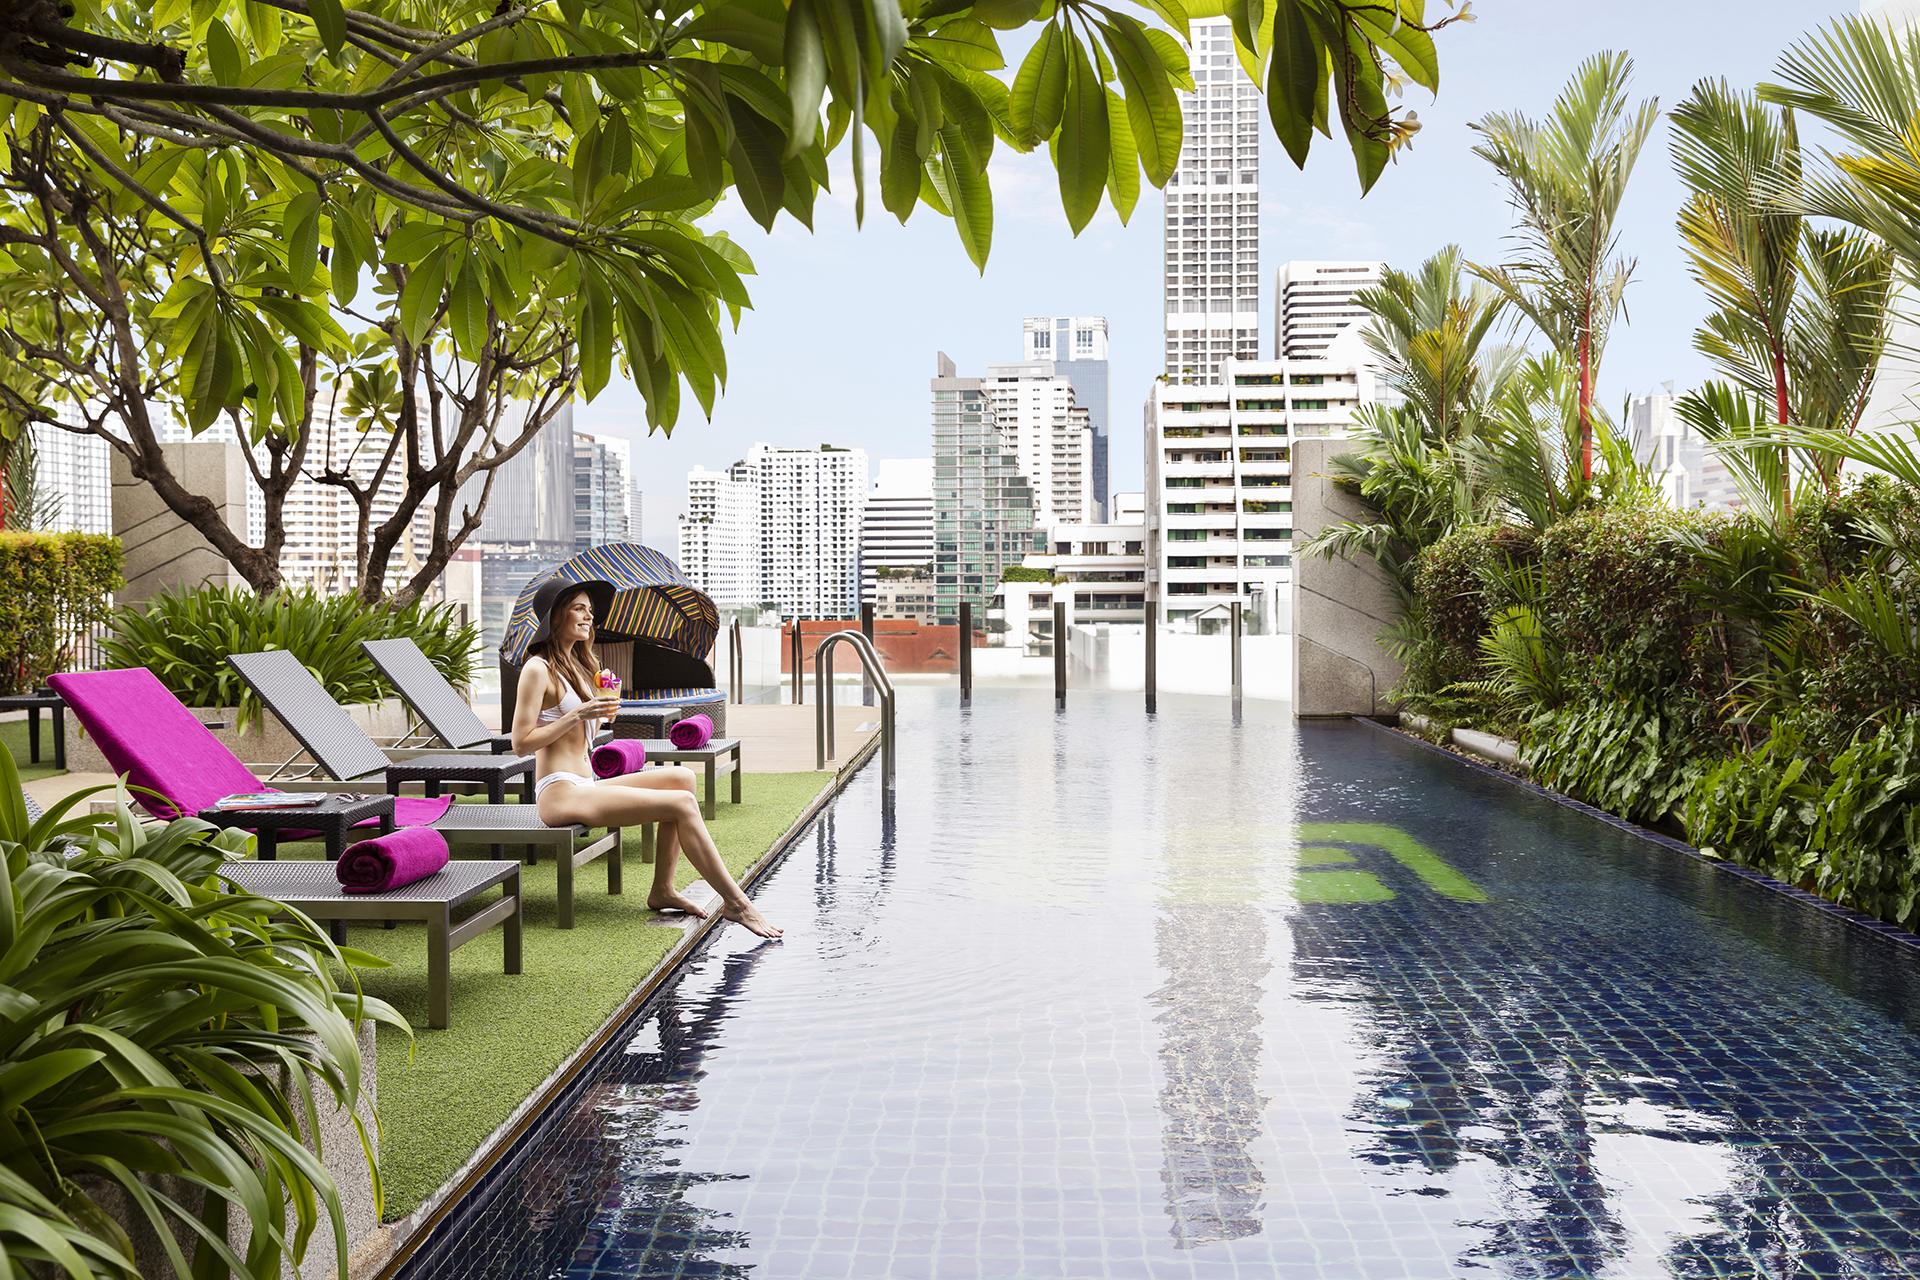 Hotel Life Style Photo Retouching